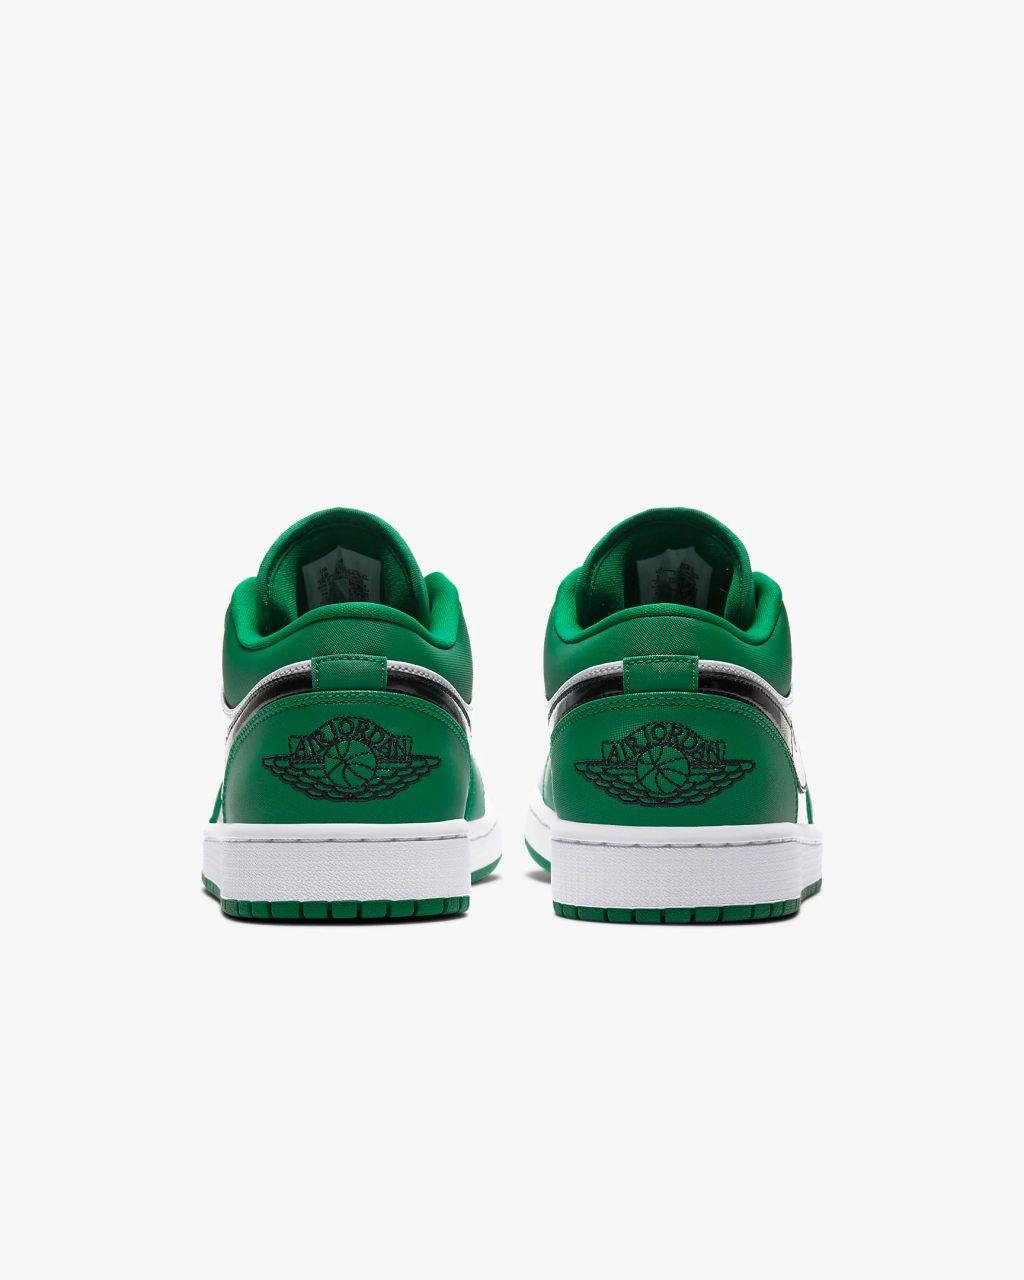 nike-air-jordan-1-low-pine-green-55358-301release-20200229